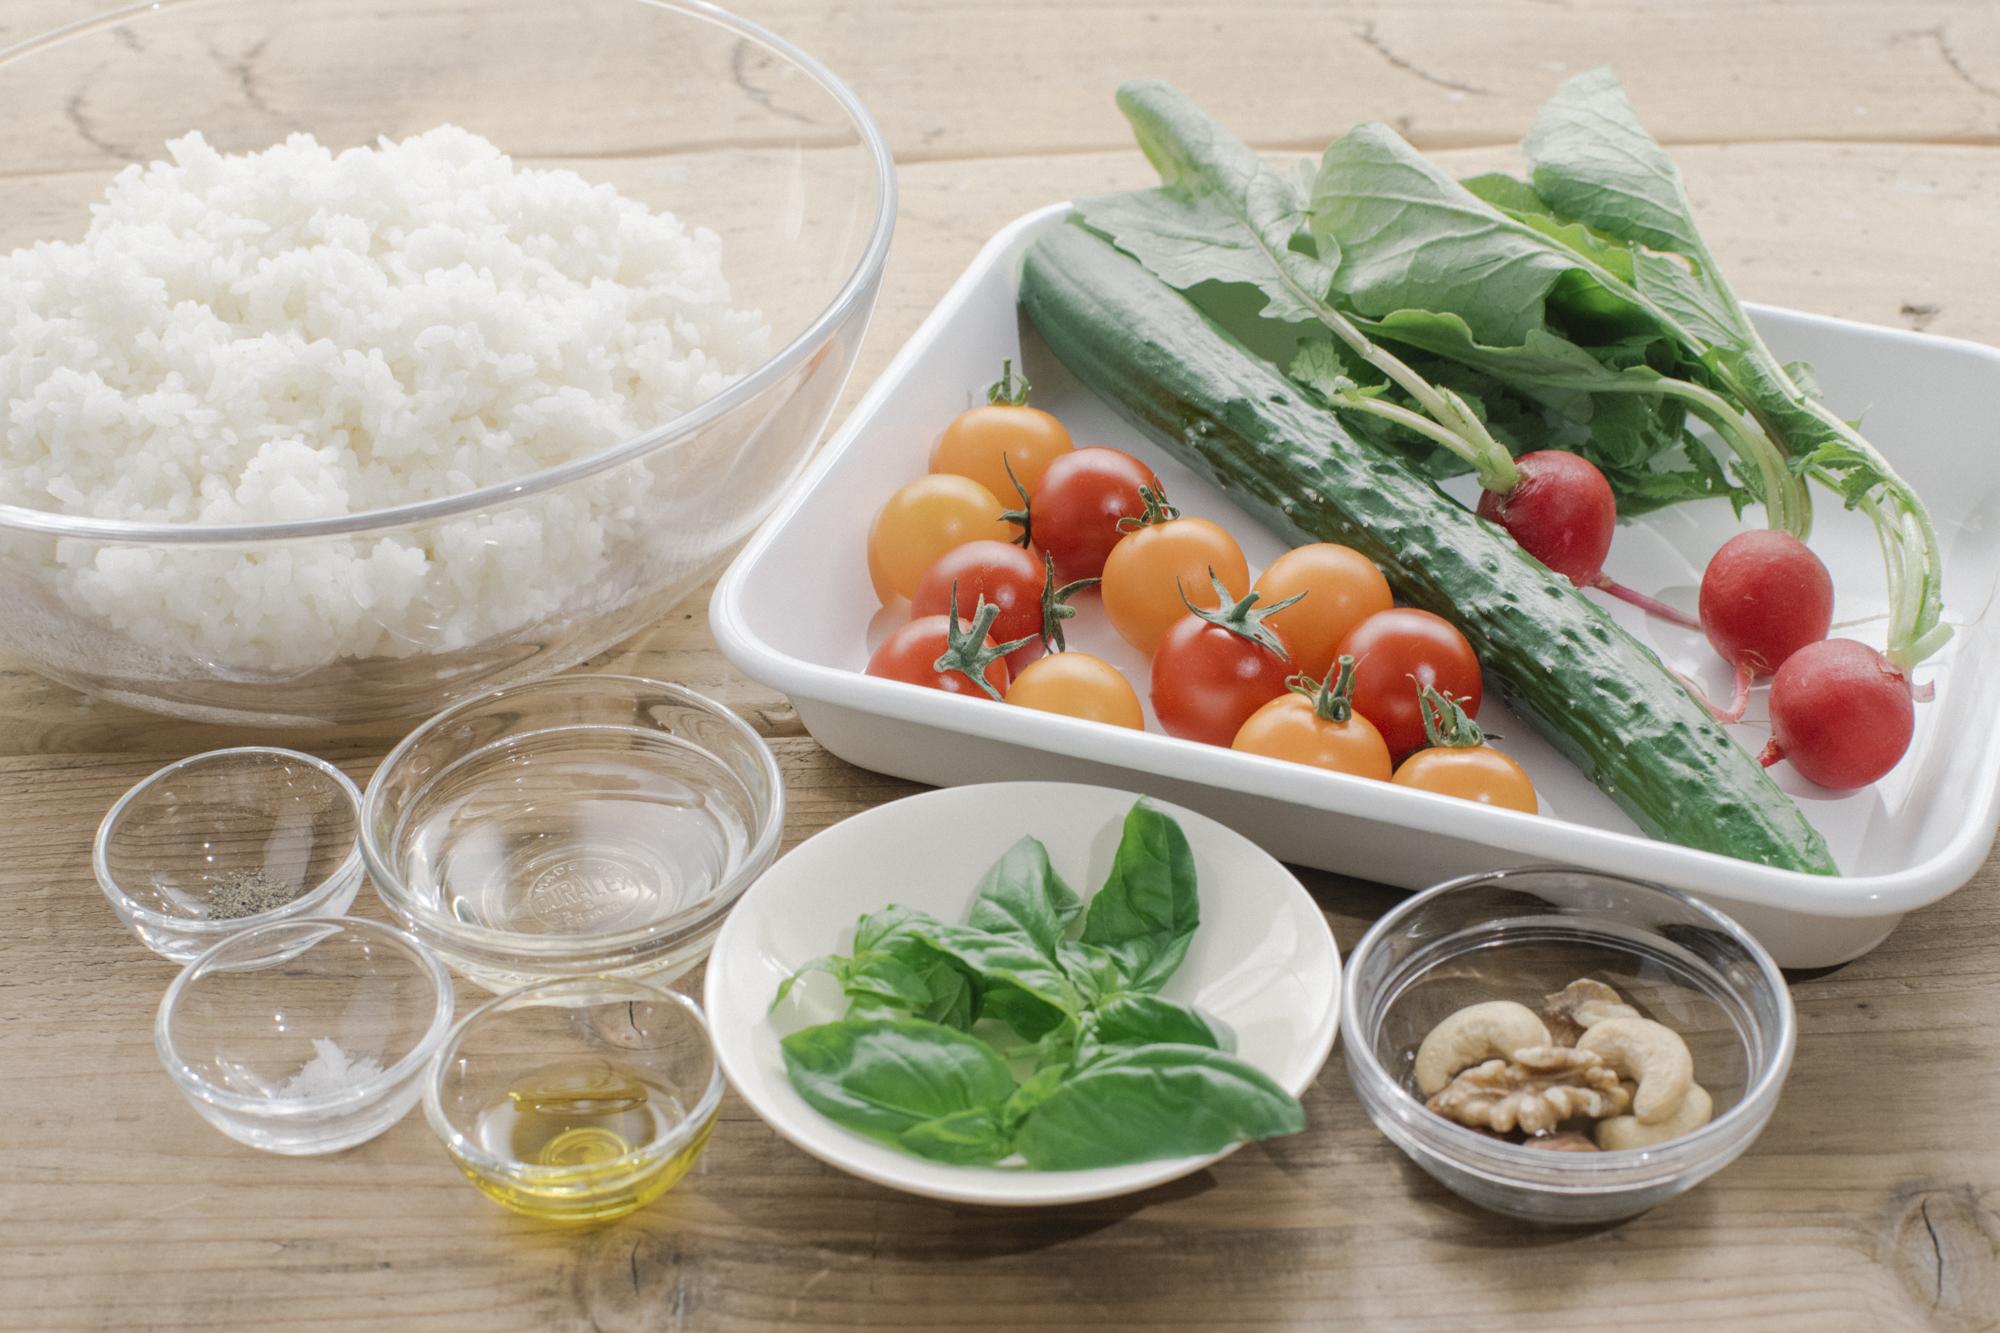 「ラン前後に「トマト」国際中医薬膳師・フードコーディネーターのオリジナルレシピ」の画像